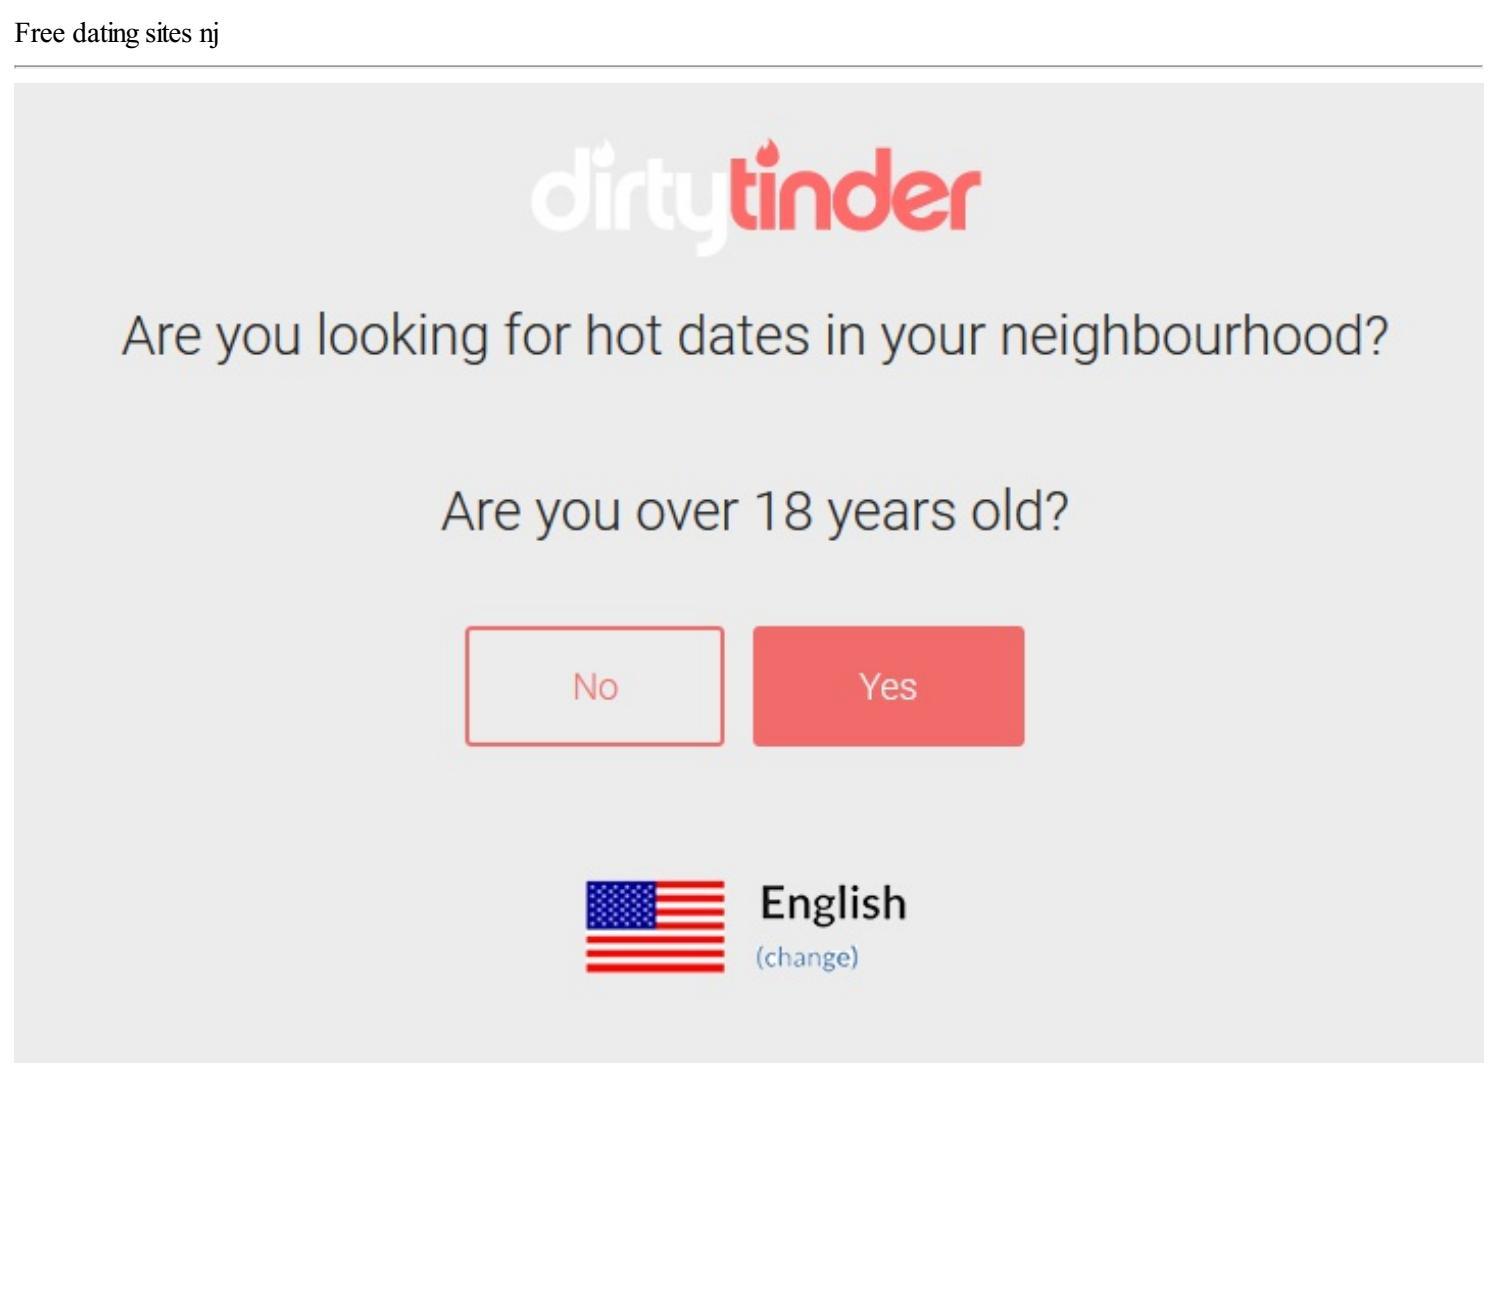 nj dating hjemmesider